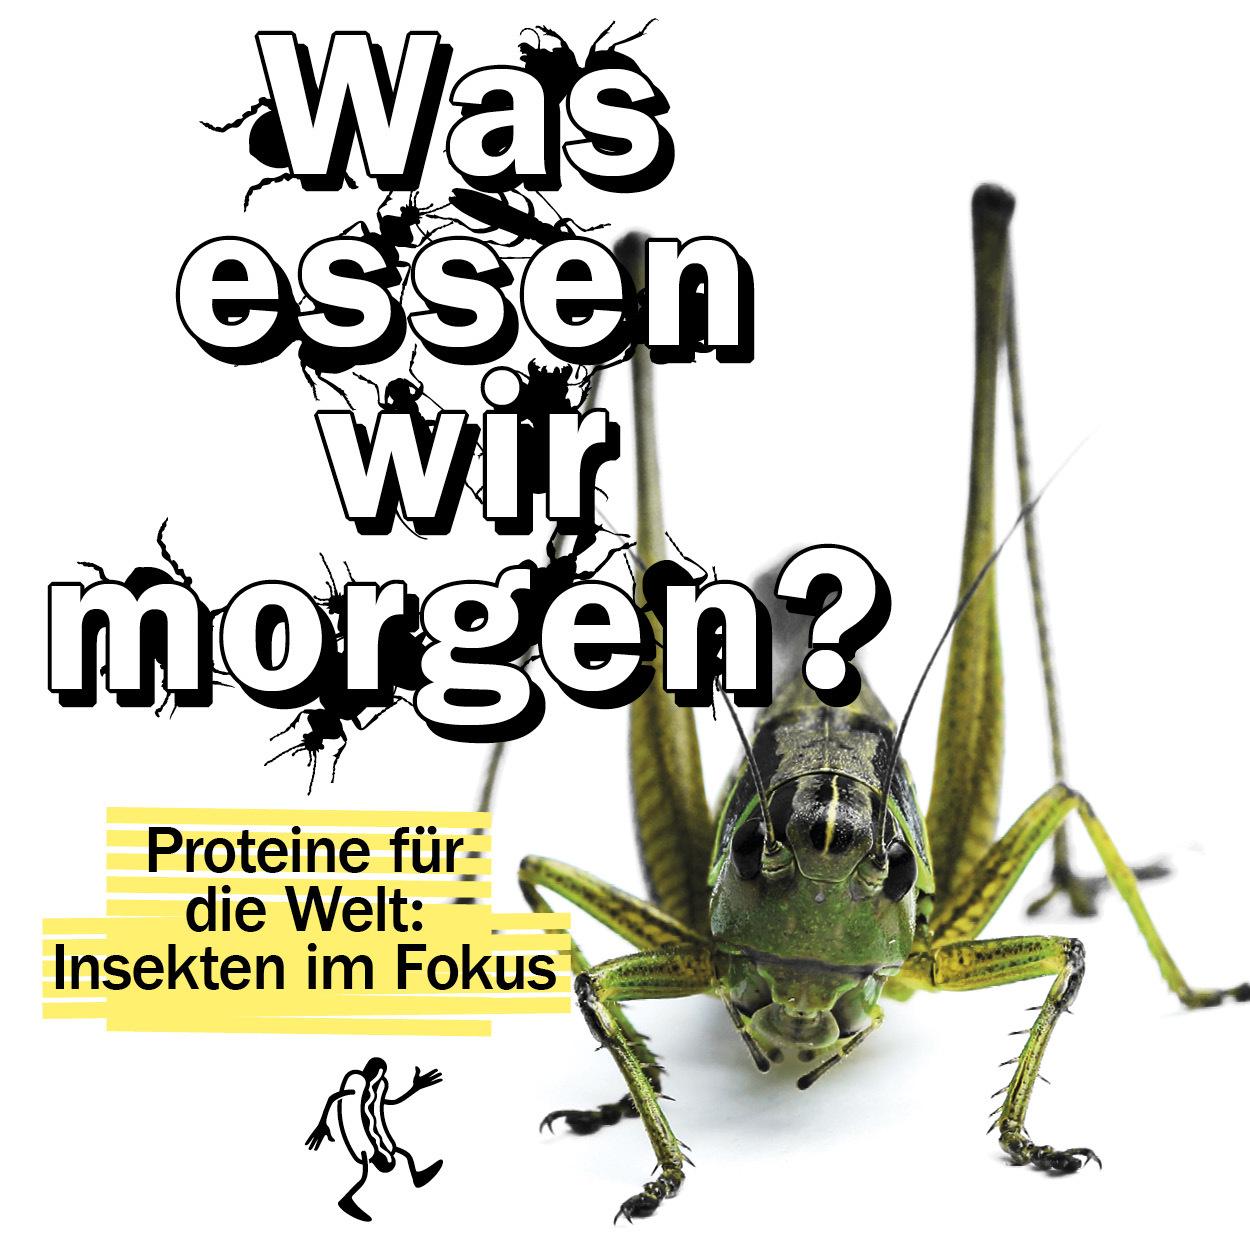 Was essen wir morgenn Proteine für die Welt: Insekten im Fokus